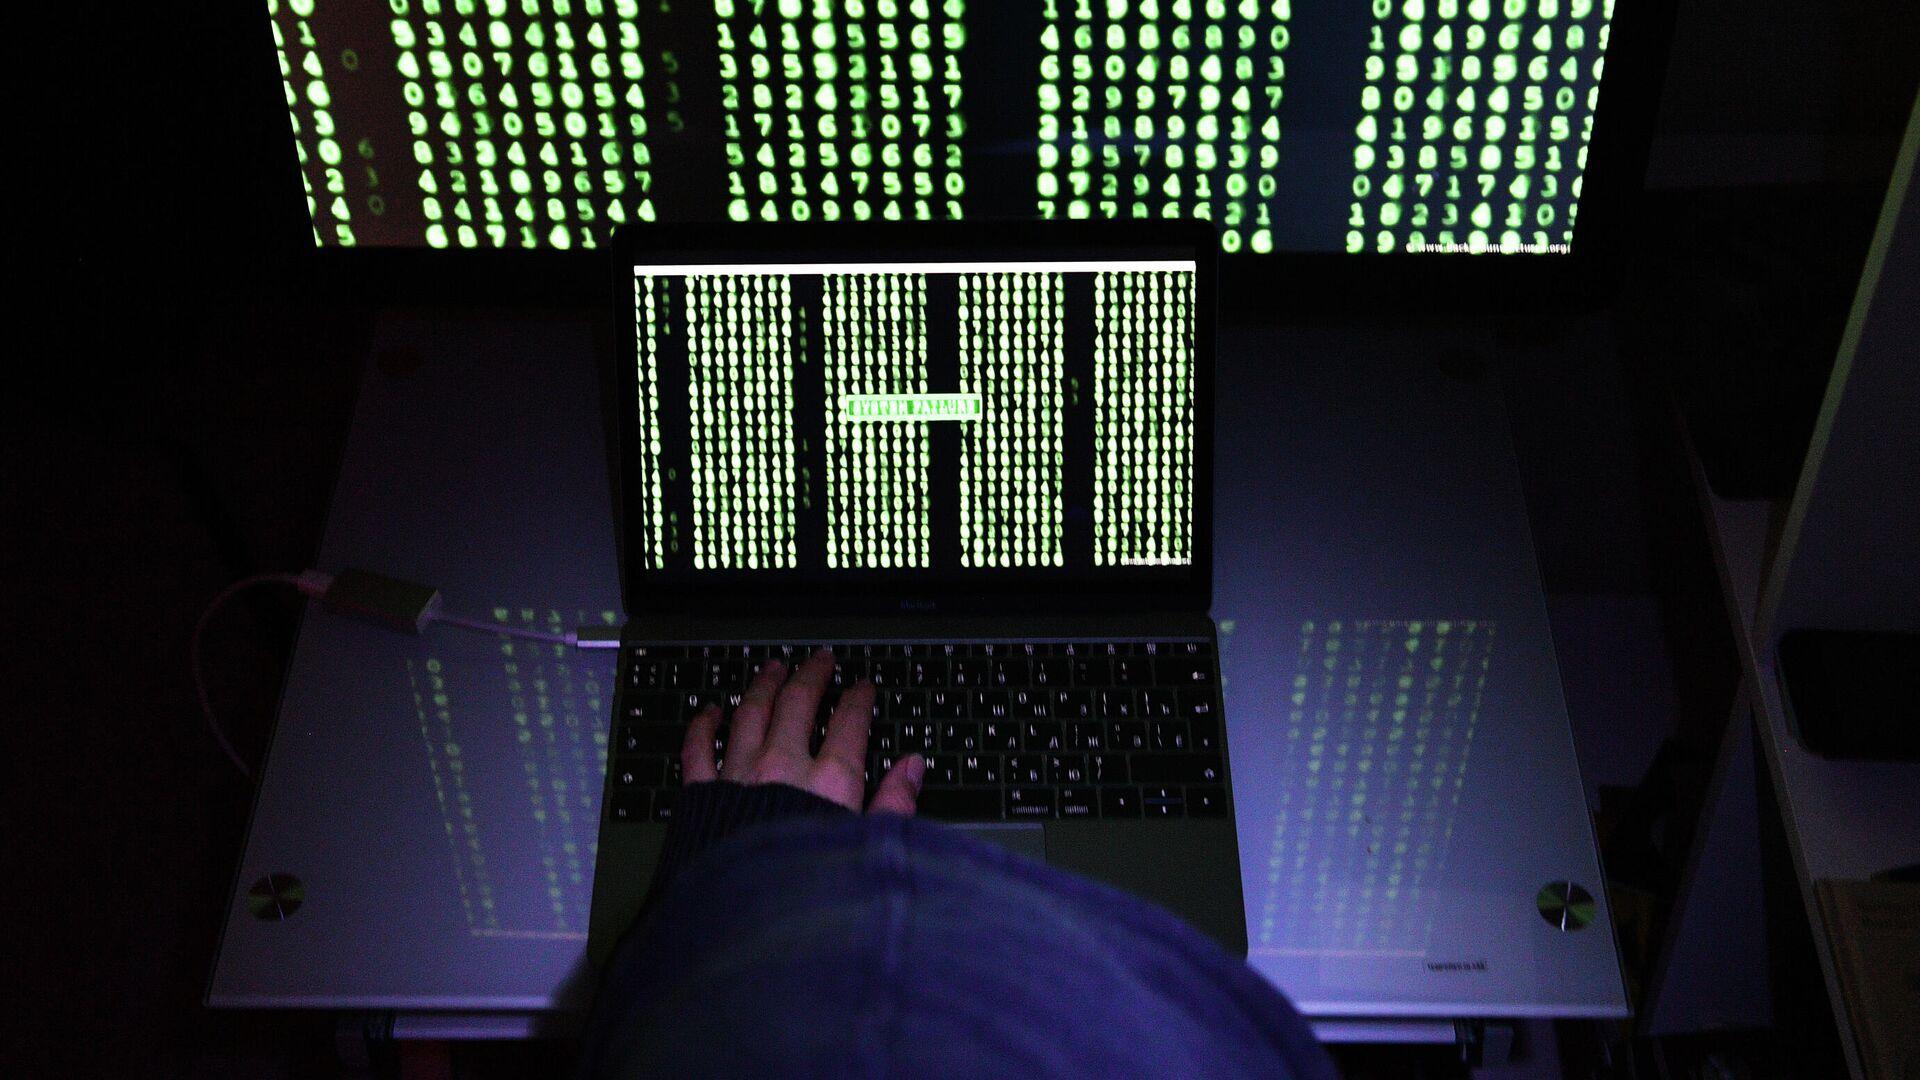 Эксперты: информационные атаки на выборы в России идут в режиме нон-стоп